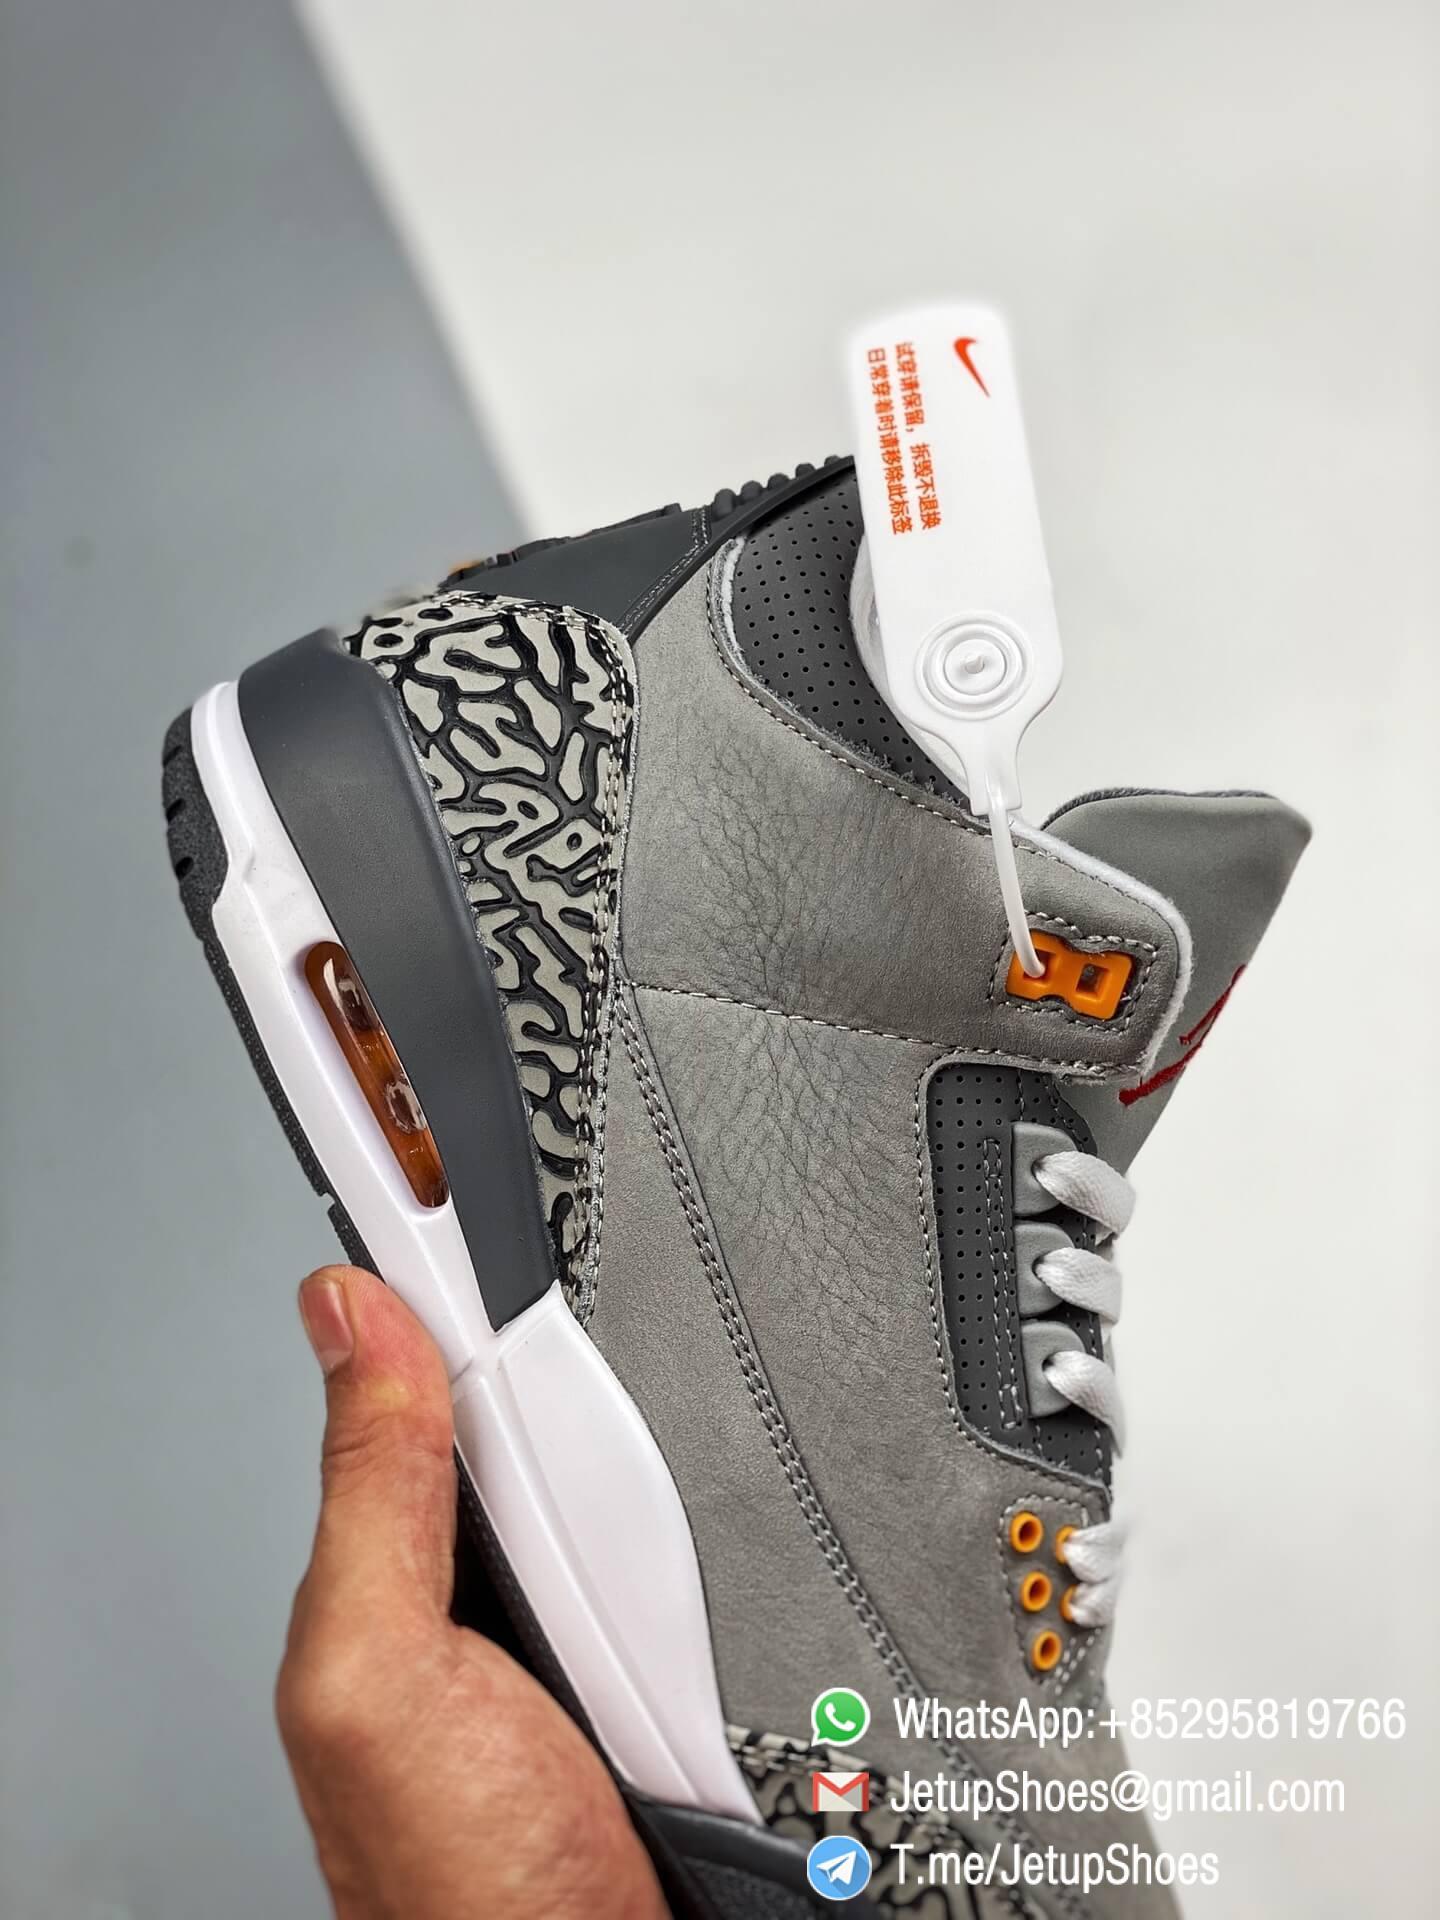 RepSneakers Air Jordan 3 Retro Cool Grey SKU CT8532 012 Grey Leather Upper Best Replica Sneakers 04